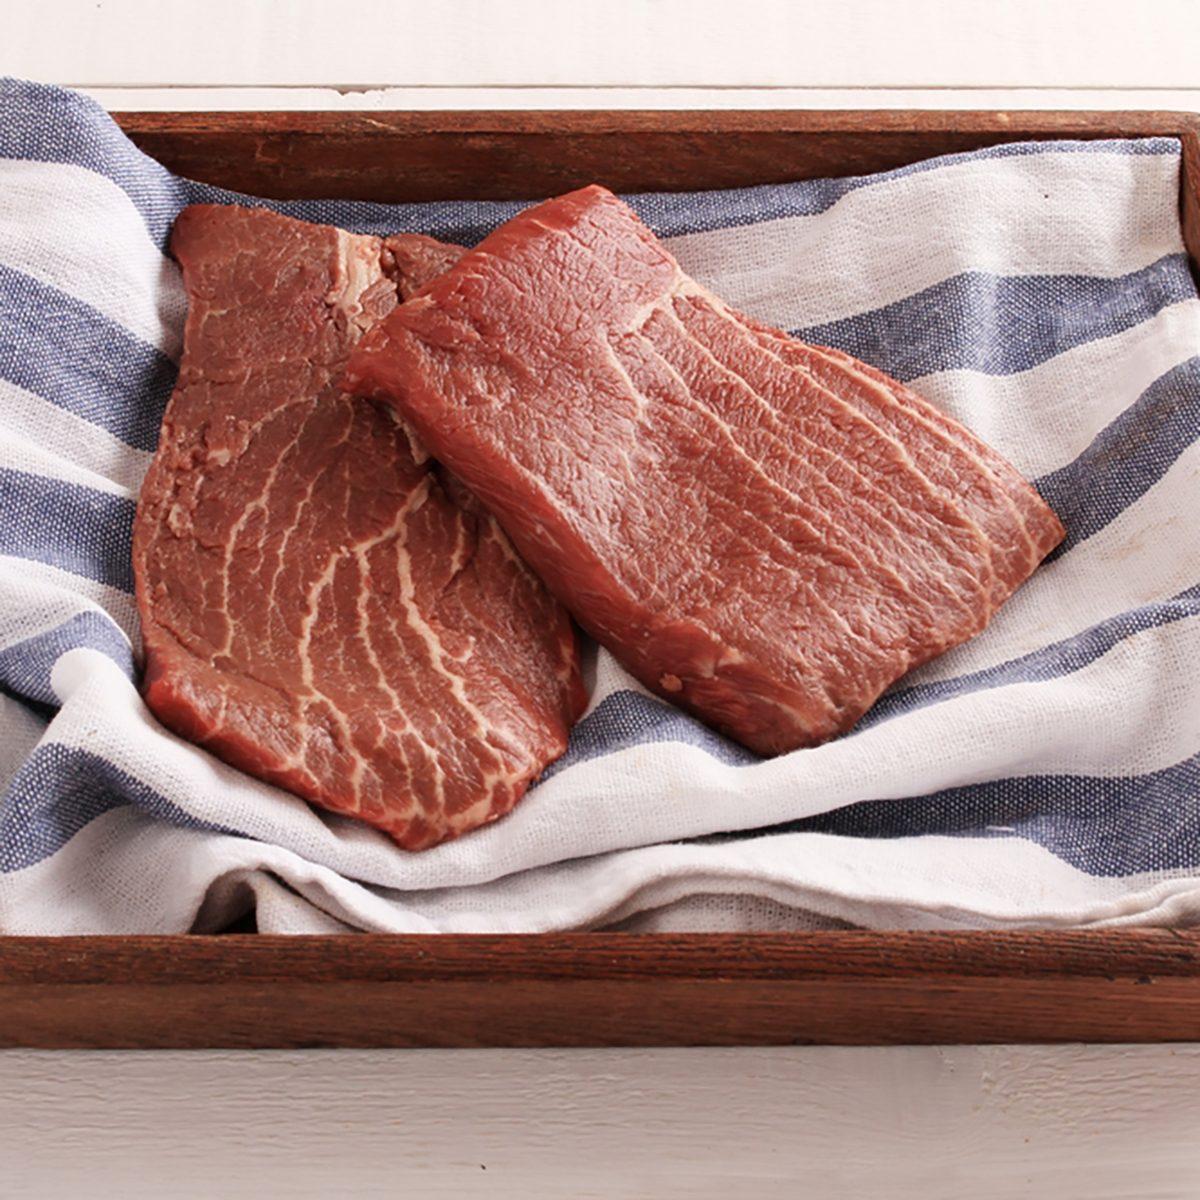 fresh flat pan beef steak in wooden tray